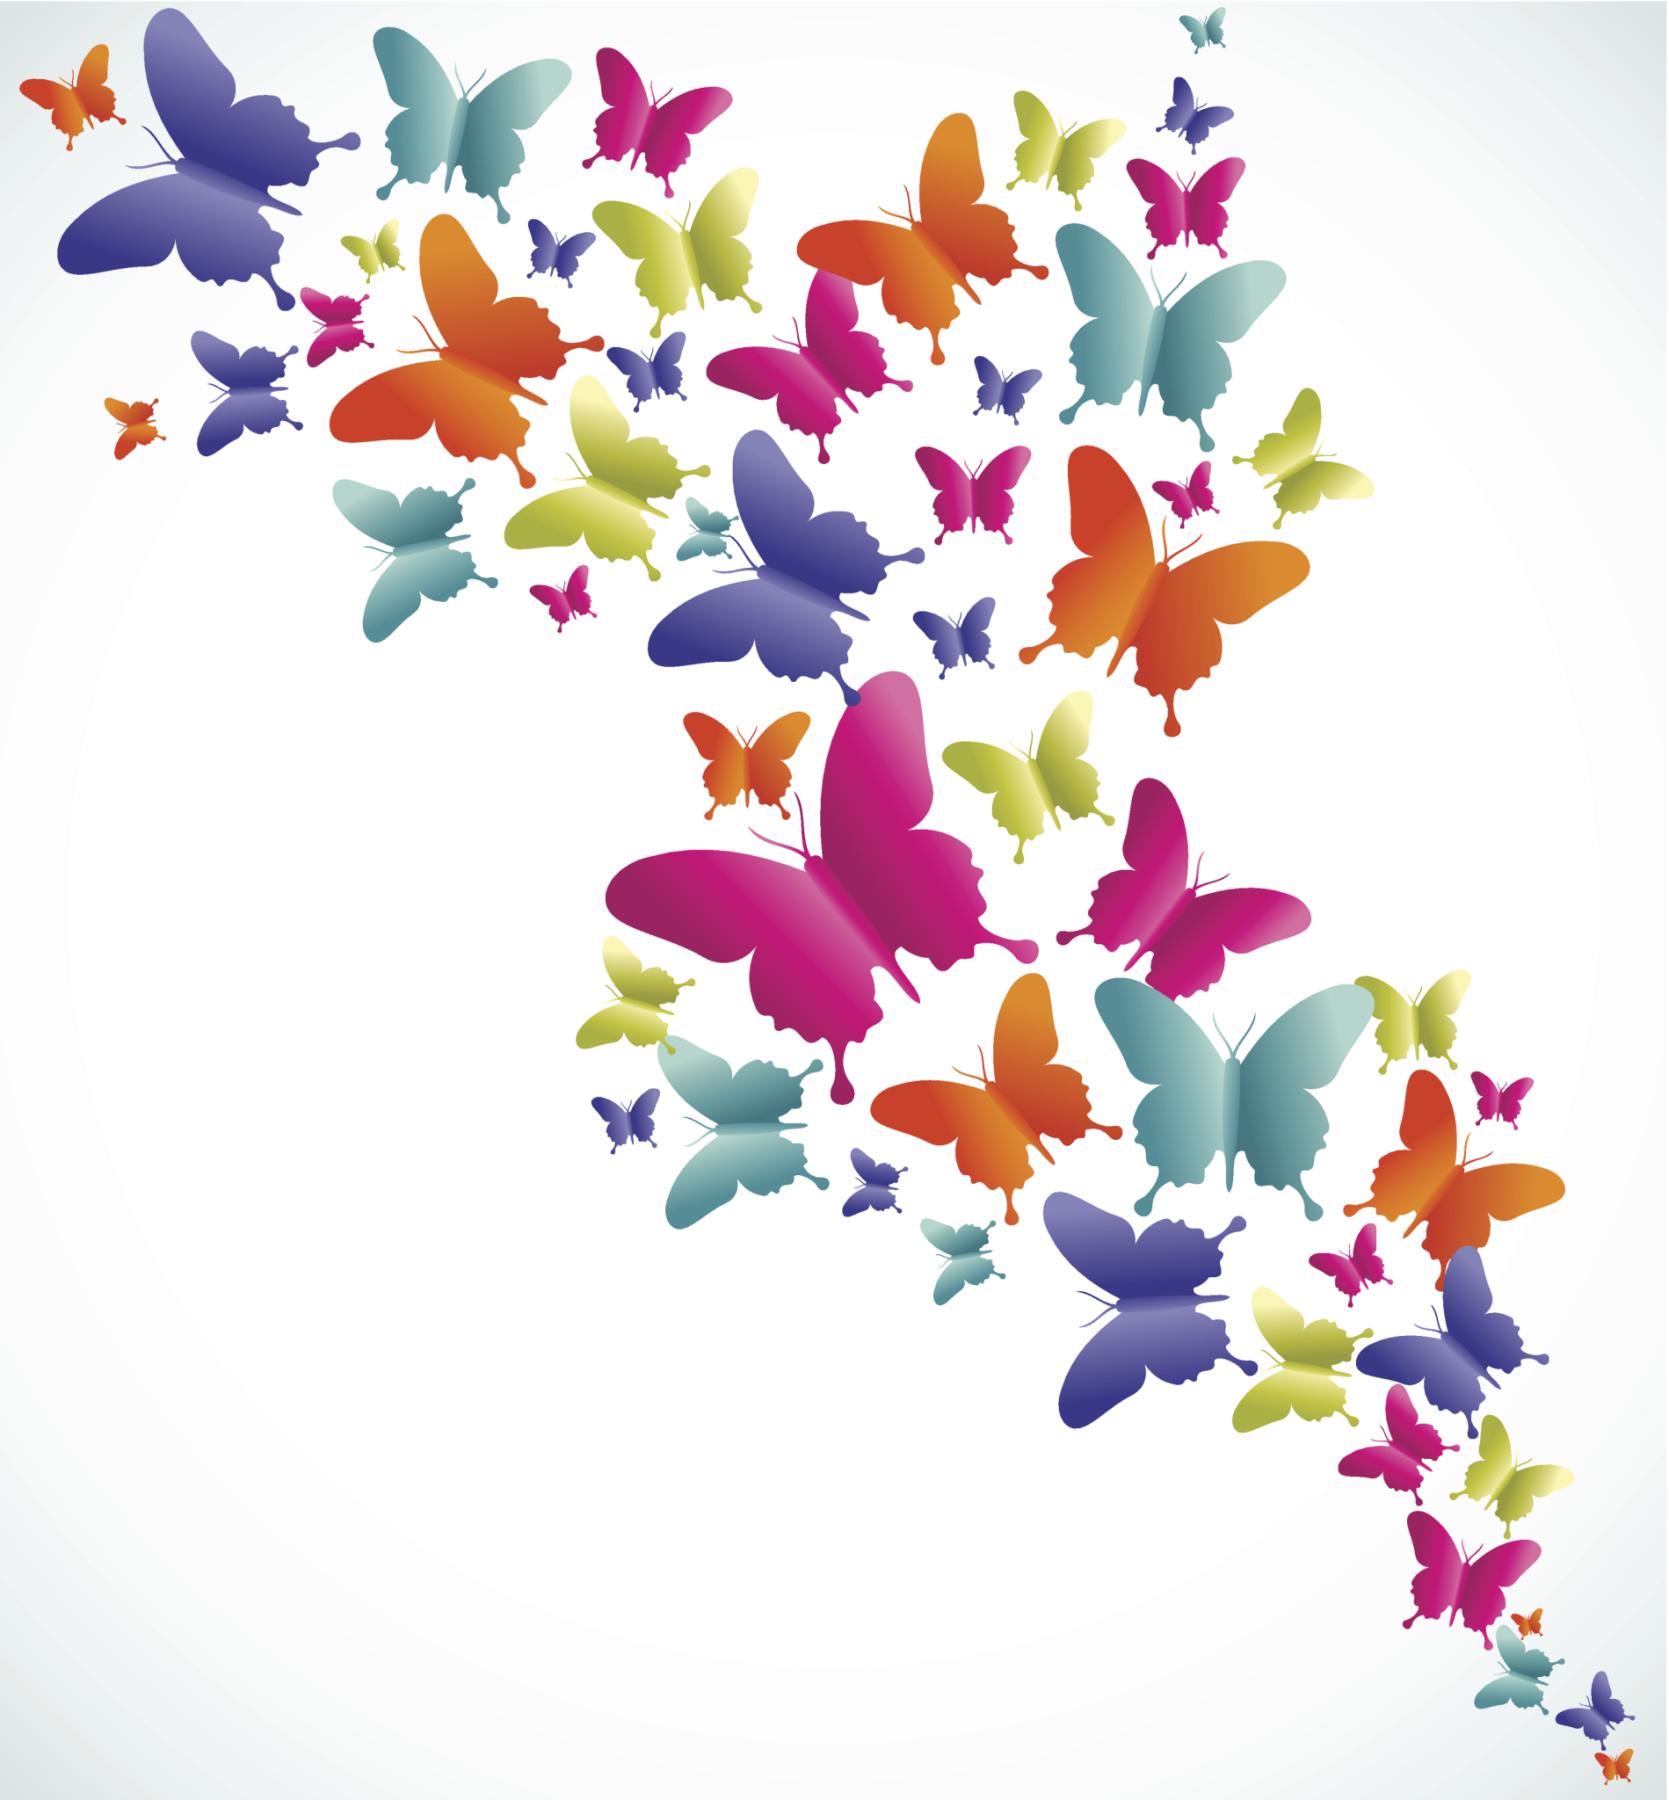 La forza della farfalla pensieri e parole famose - Immagini di farfalle a colori ...